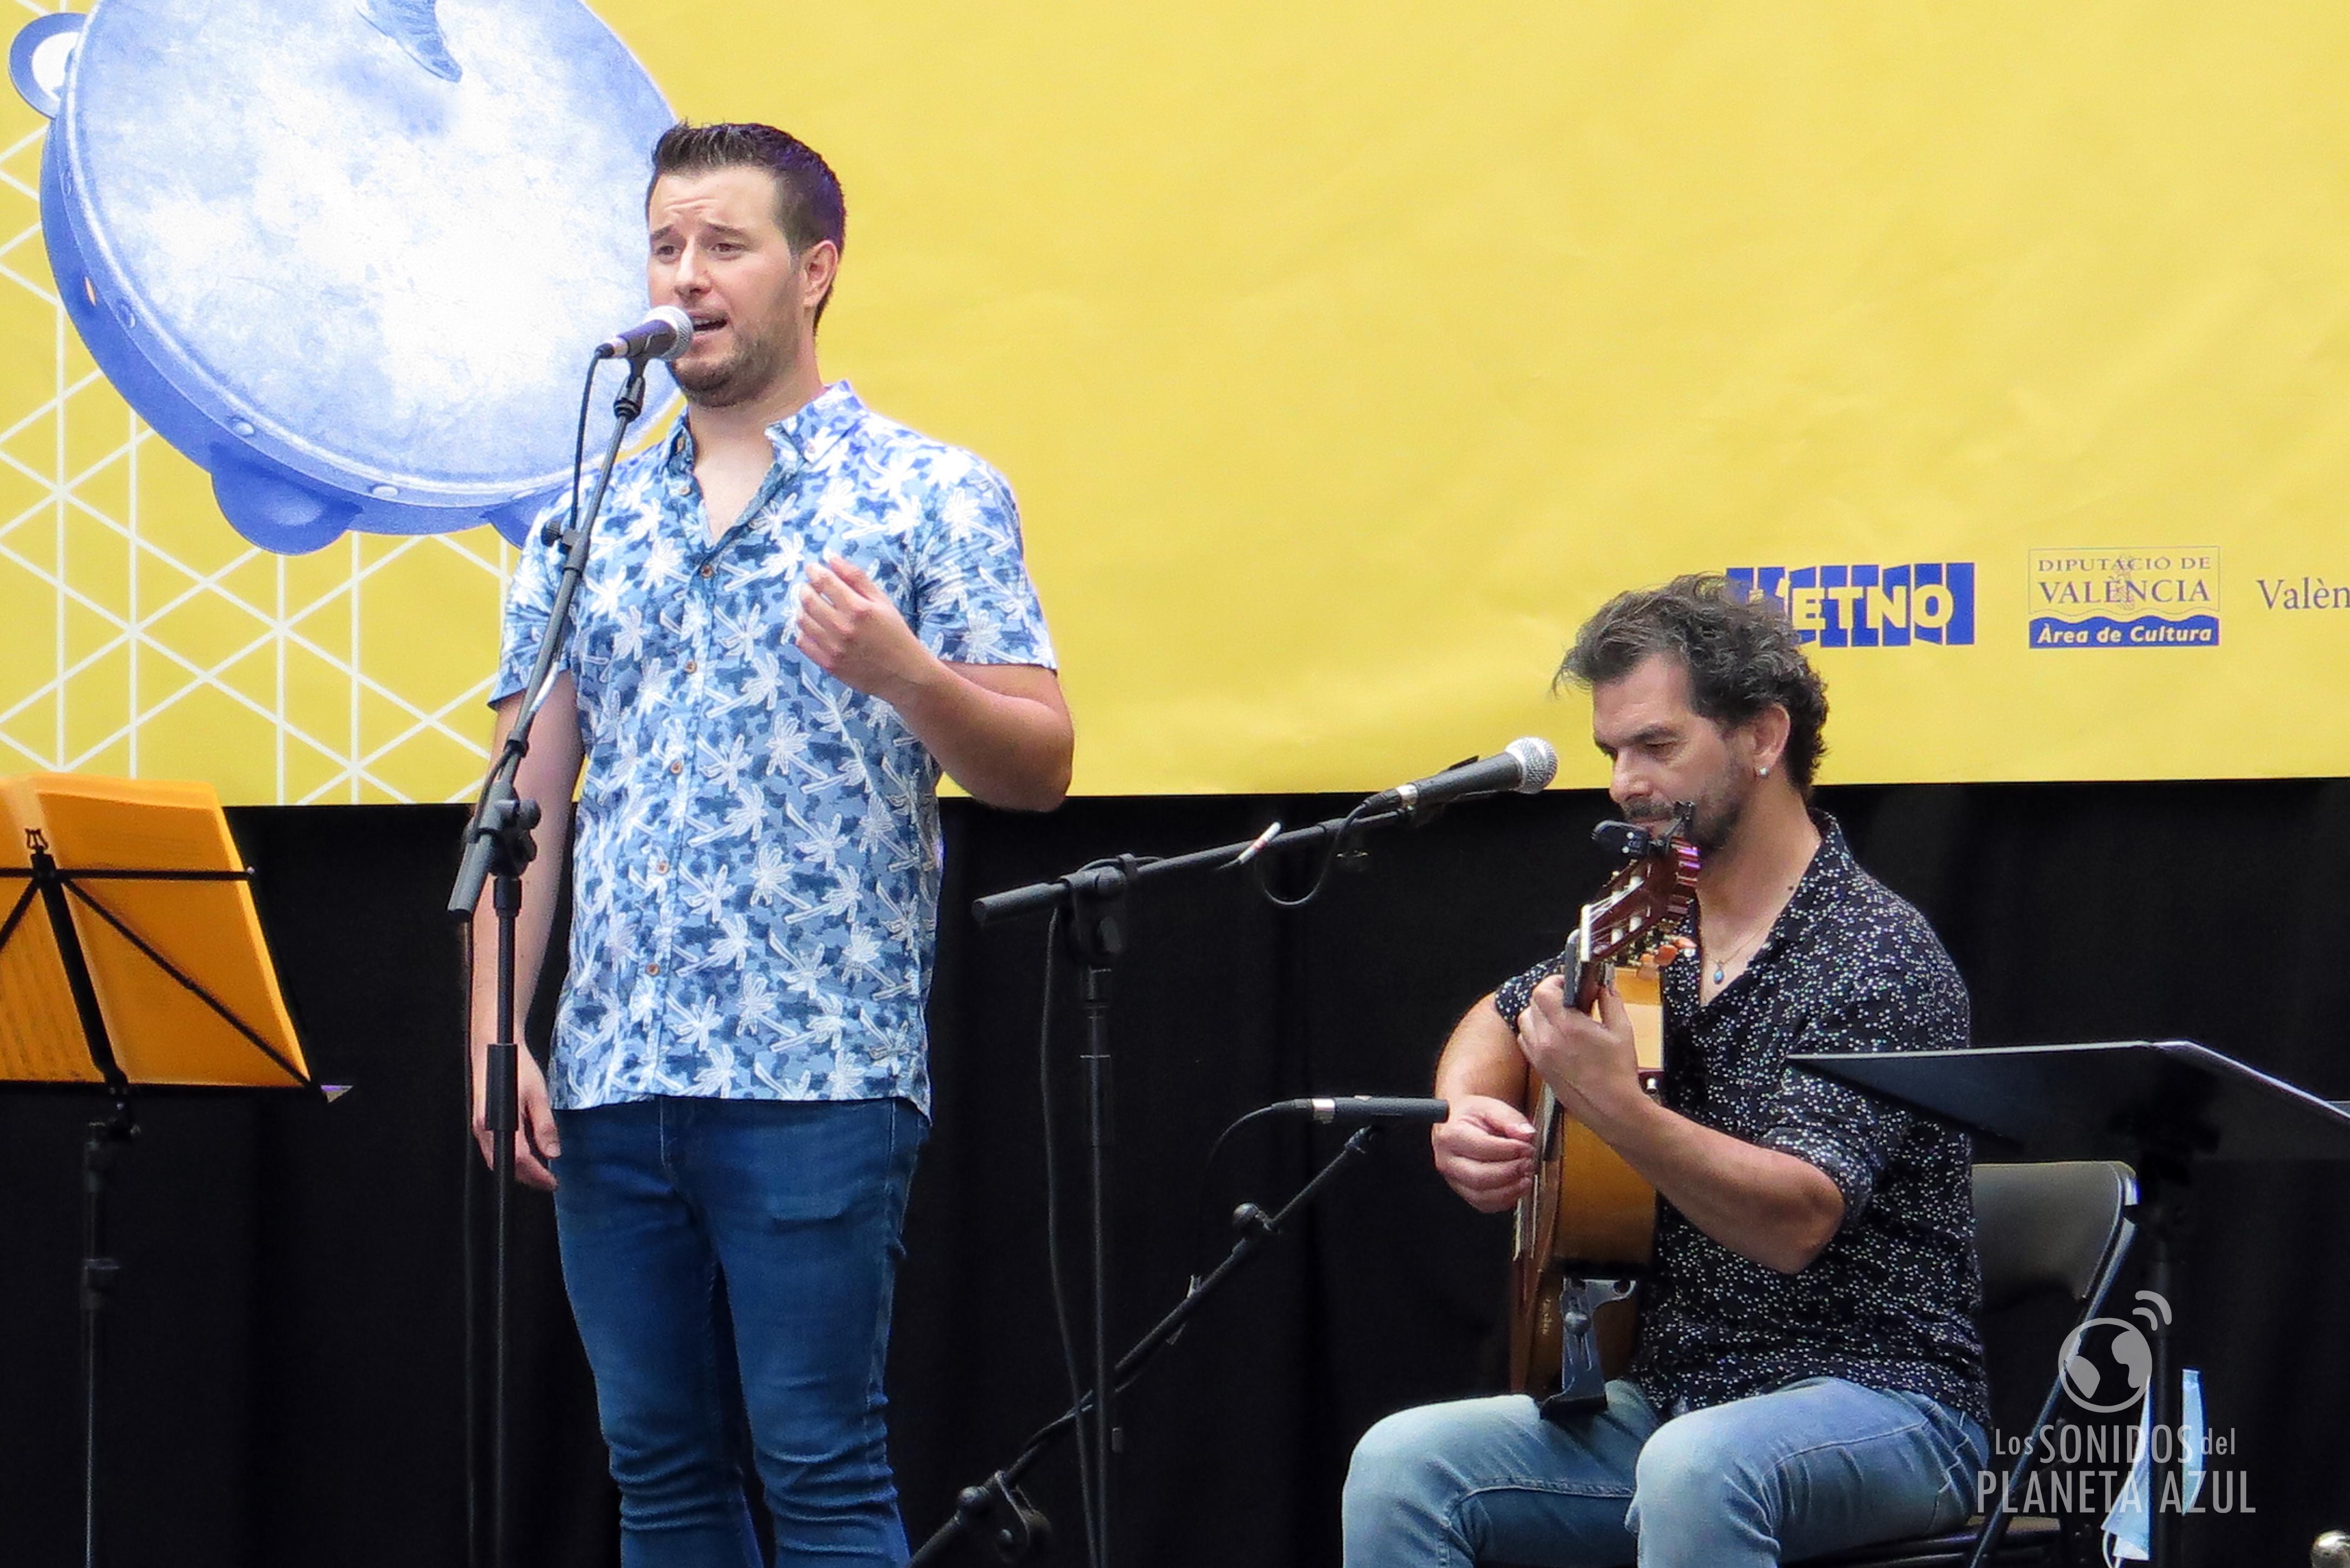 Xavi de Bétera, el cantaor valenciano hizo su primer disco 'Emprentes'